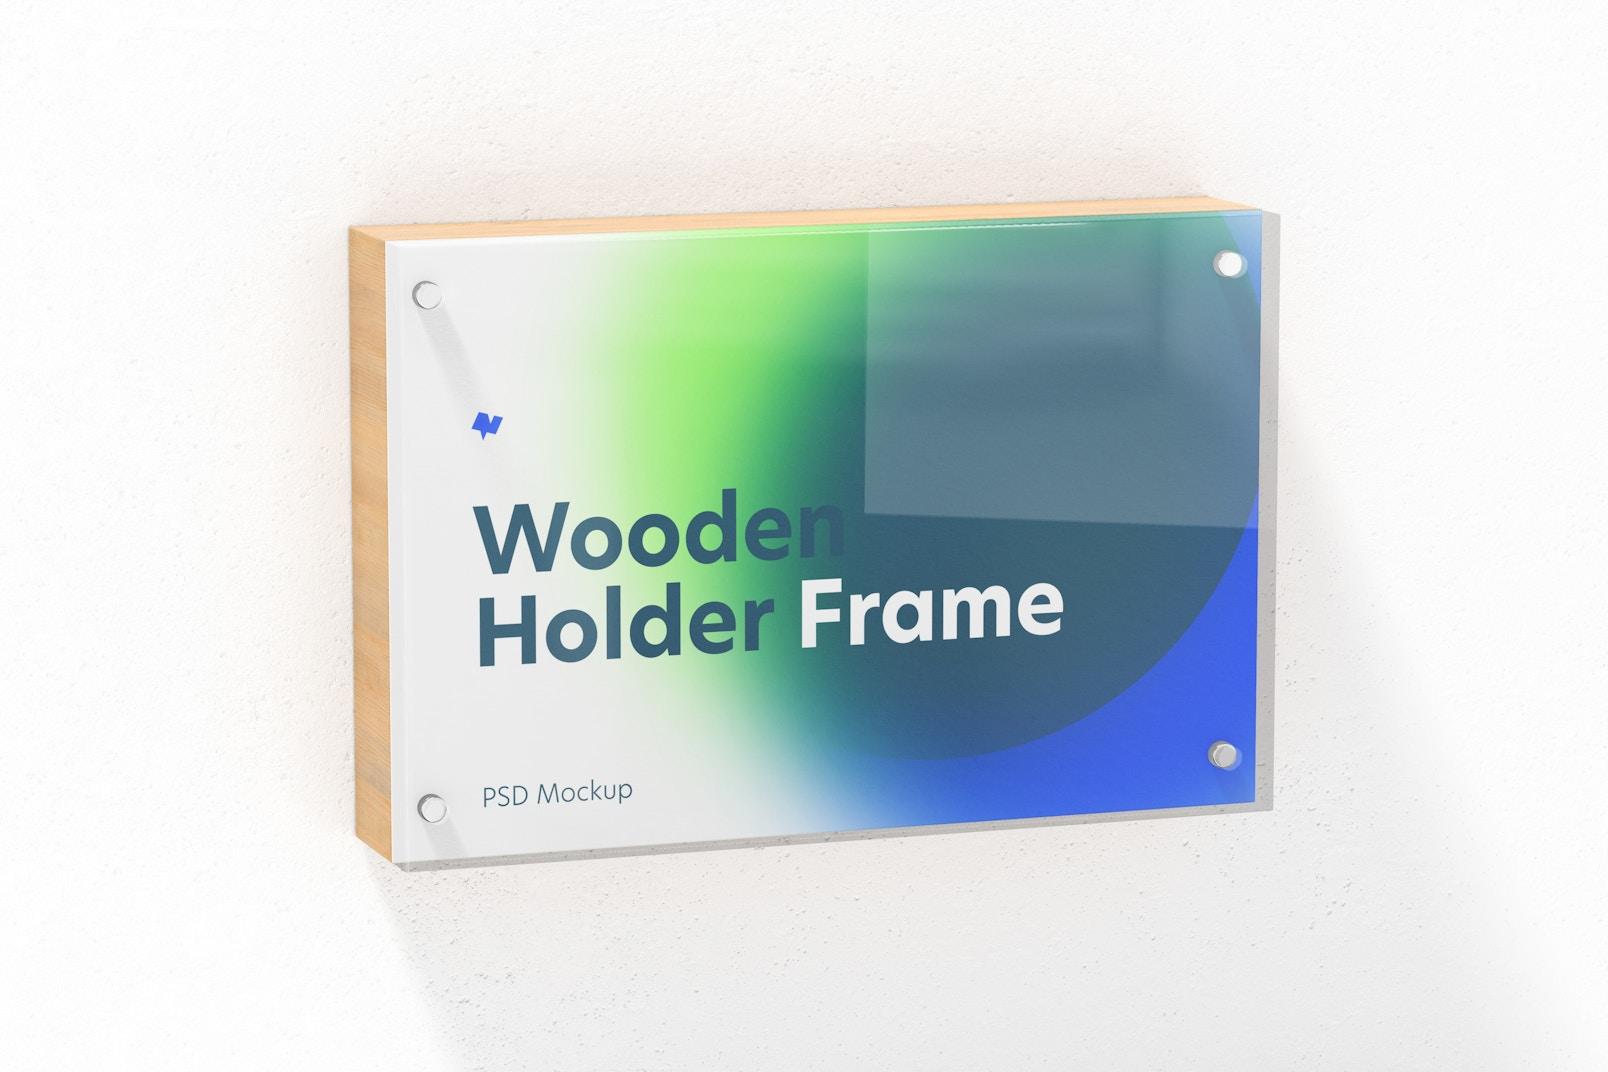 Wooden Label Holder Frame Mockup, Hanging